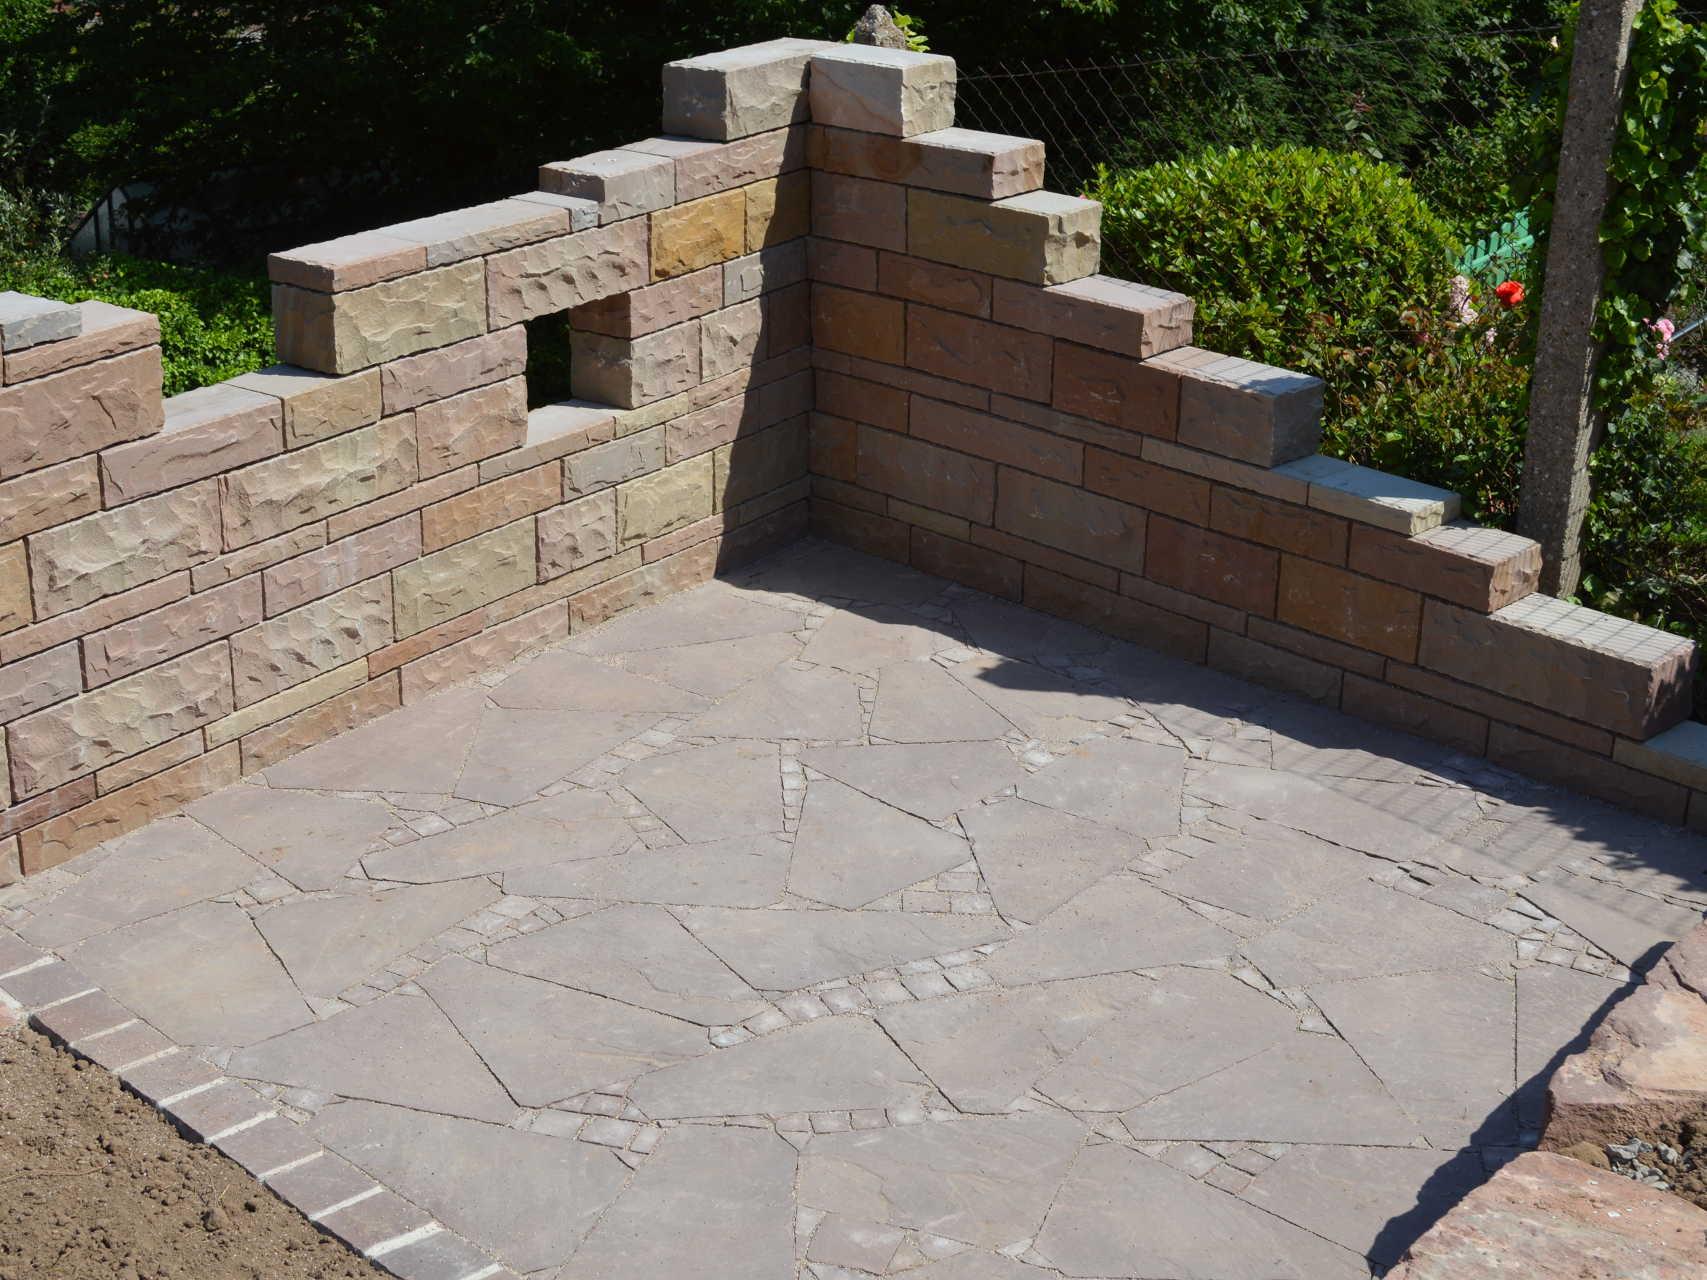 Sitzplatz aus Polygonalplatten mit Kleinpflaster ind. Sandstein